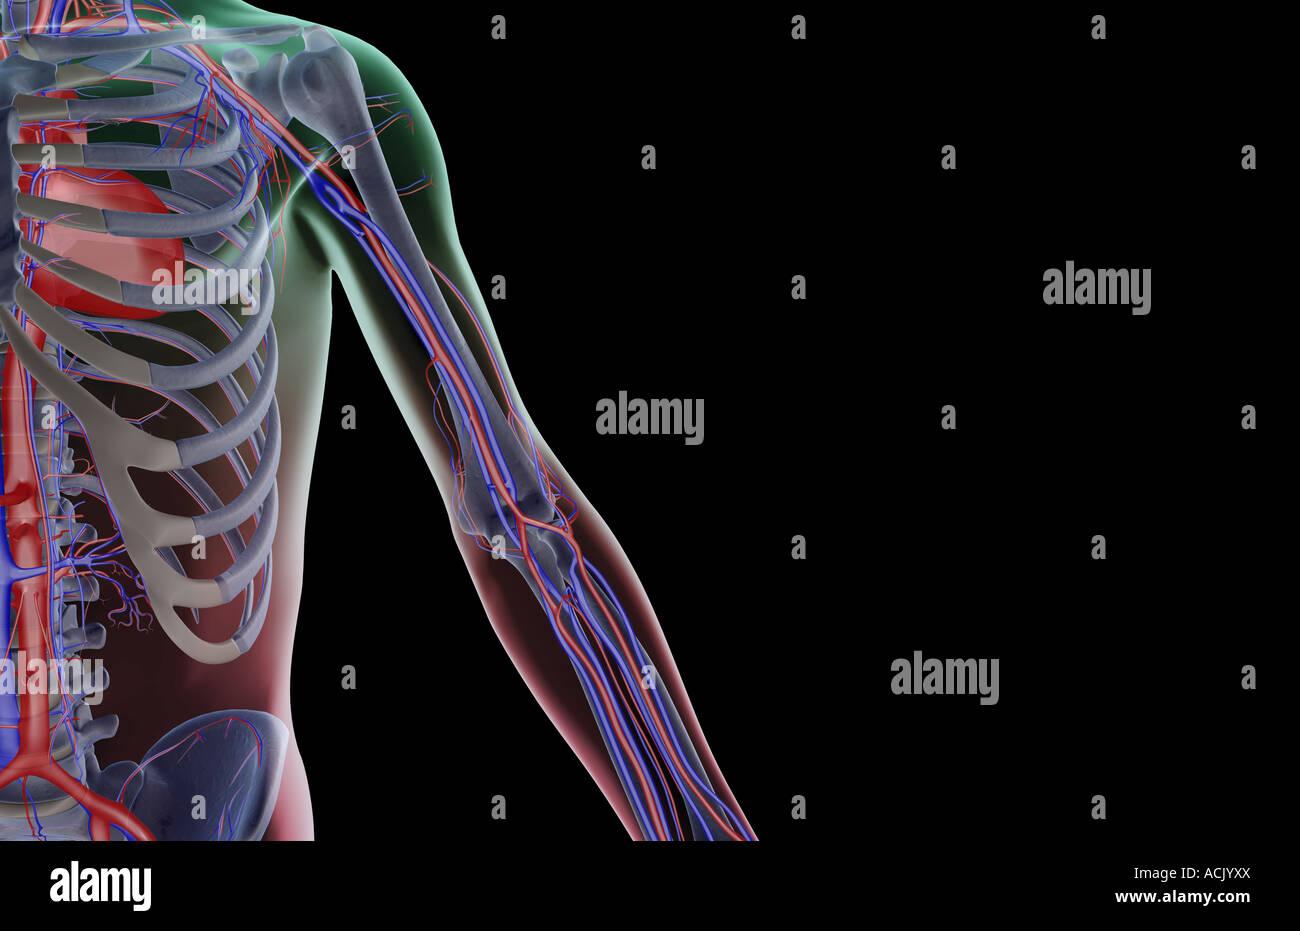 Das Blut-Versorgungsmaterial der oberen Extremität Stockfoto, Bild ...